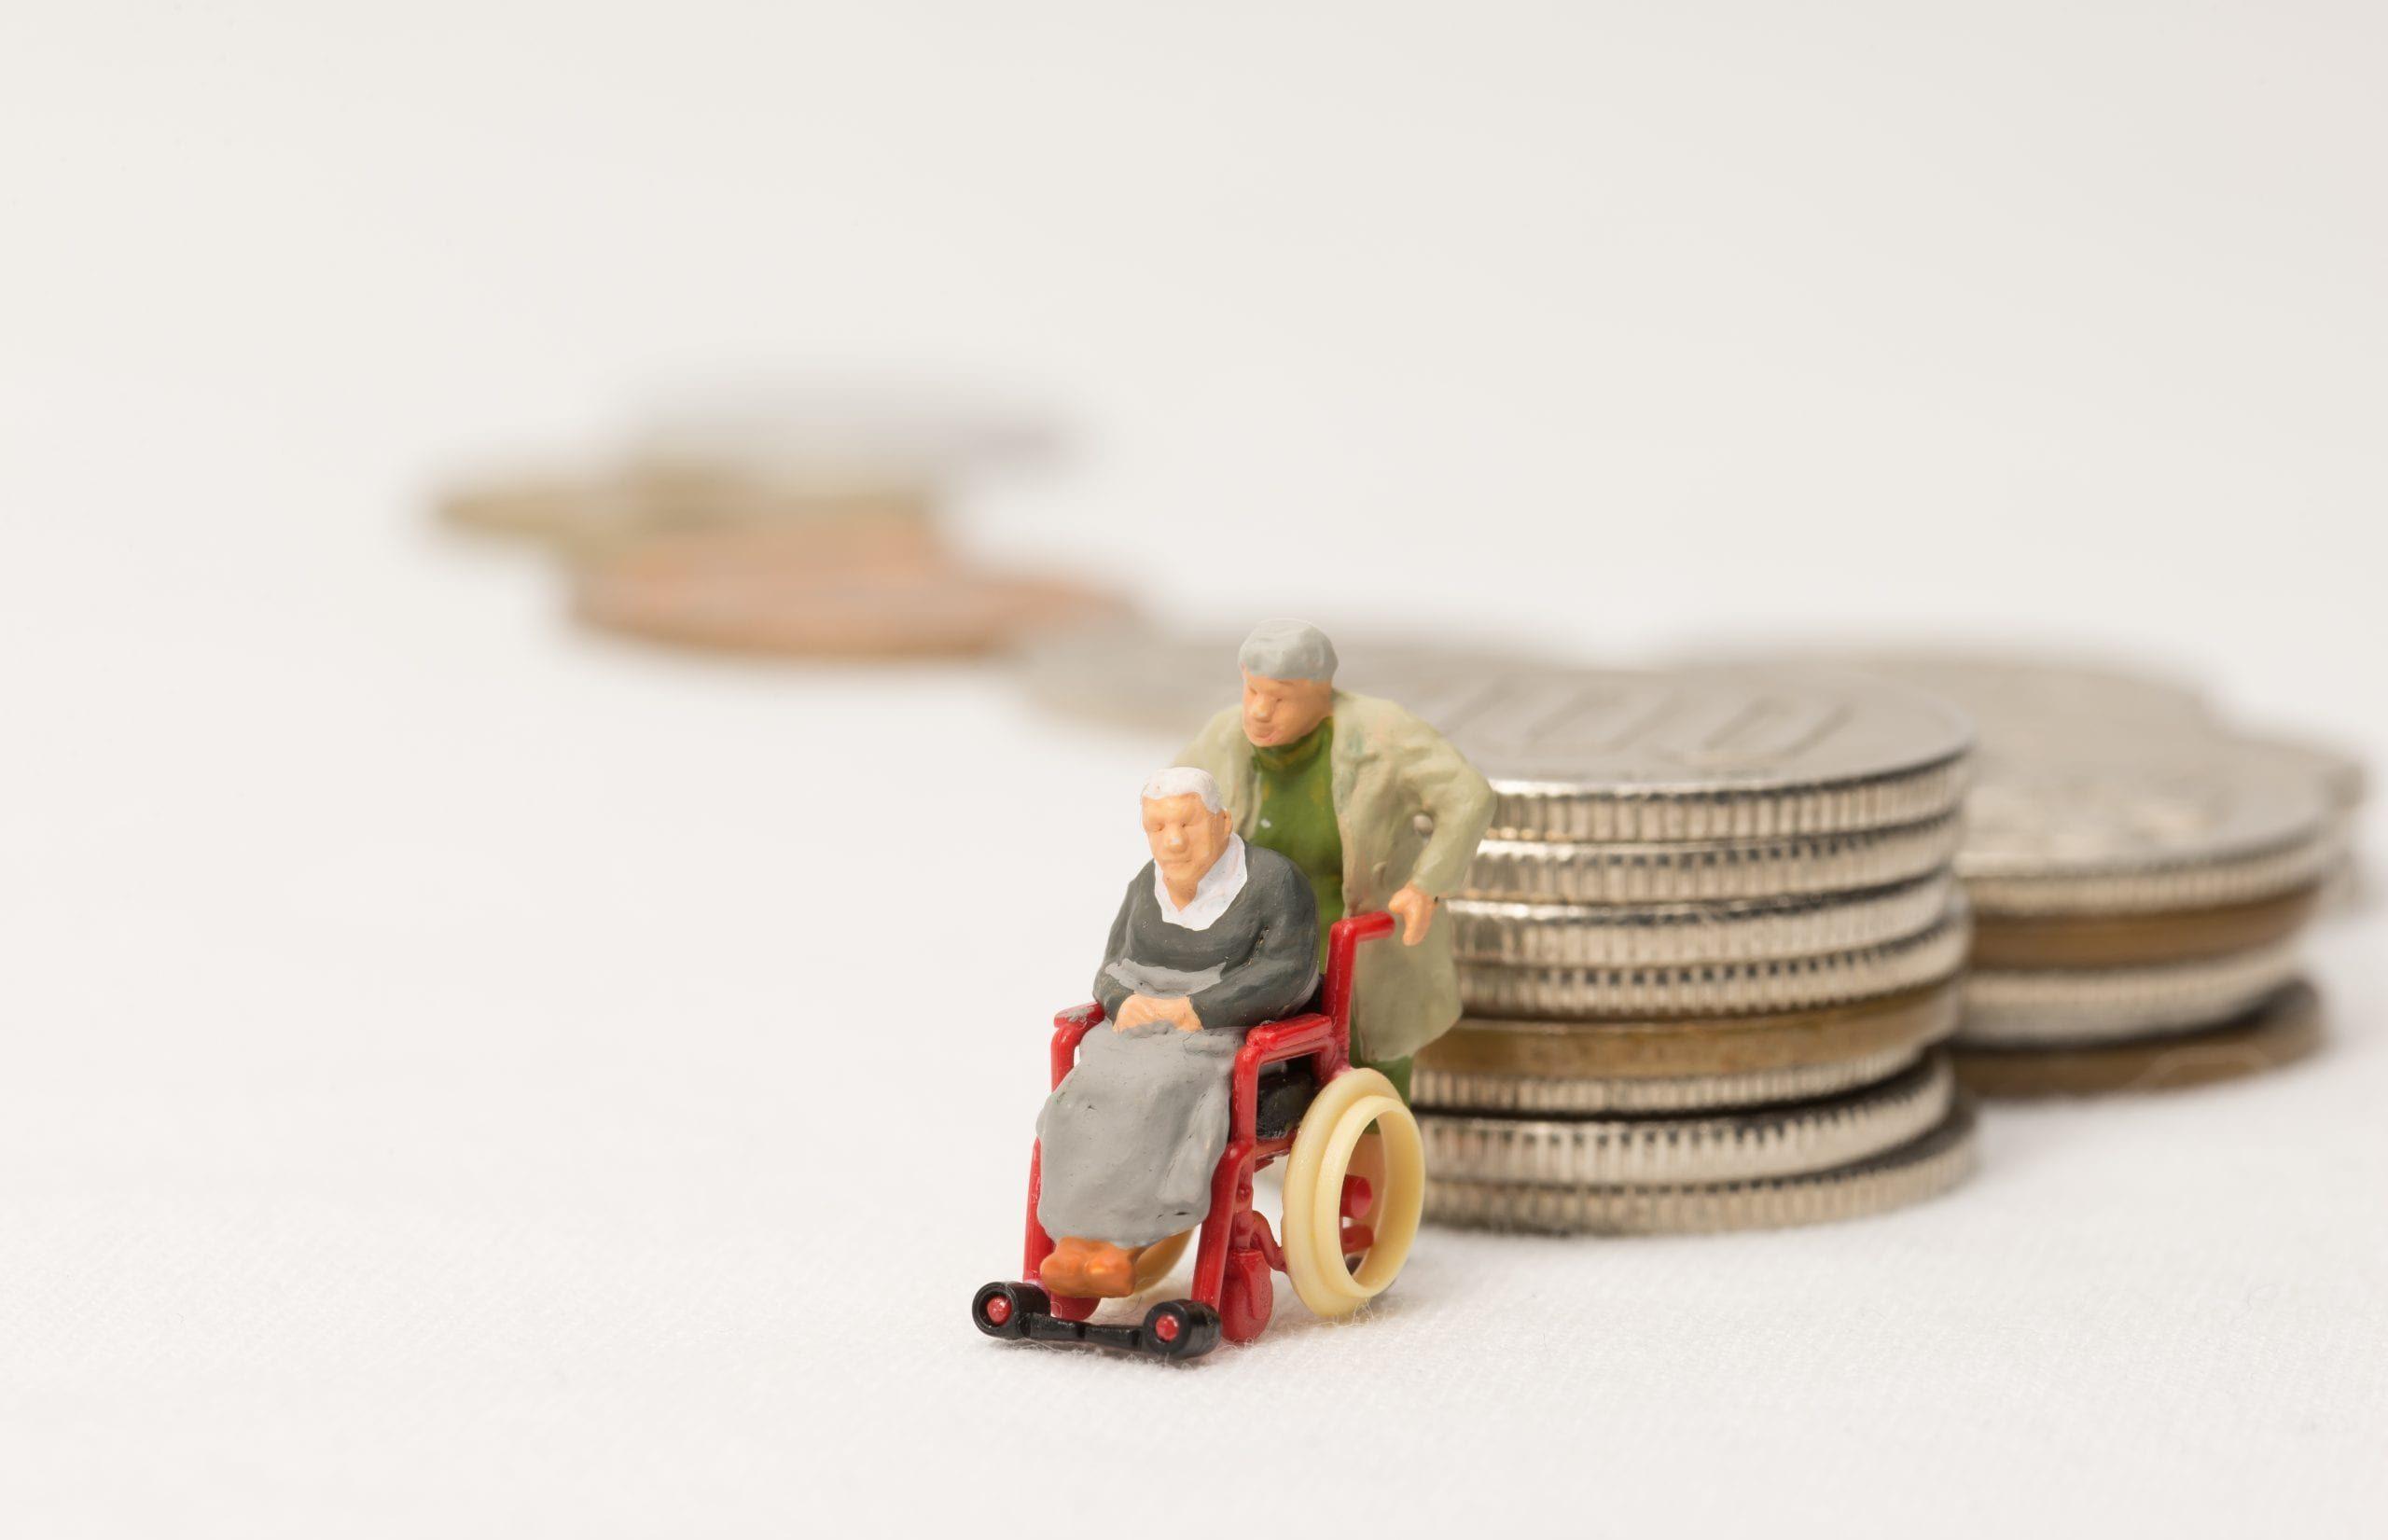 Viele Senioren geraten durch Pflegekosten finanziell unter Druck. Die Deutsche Teilkauf bietet mit dem Immobilien-Teilverkauf die Lösung